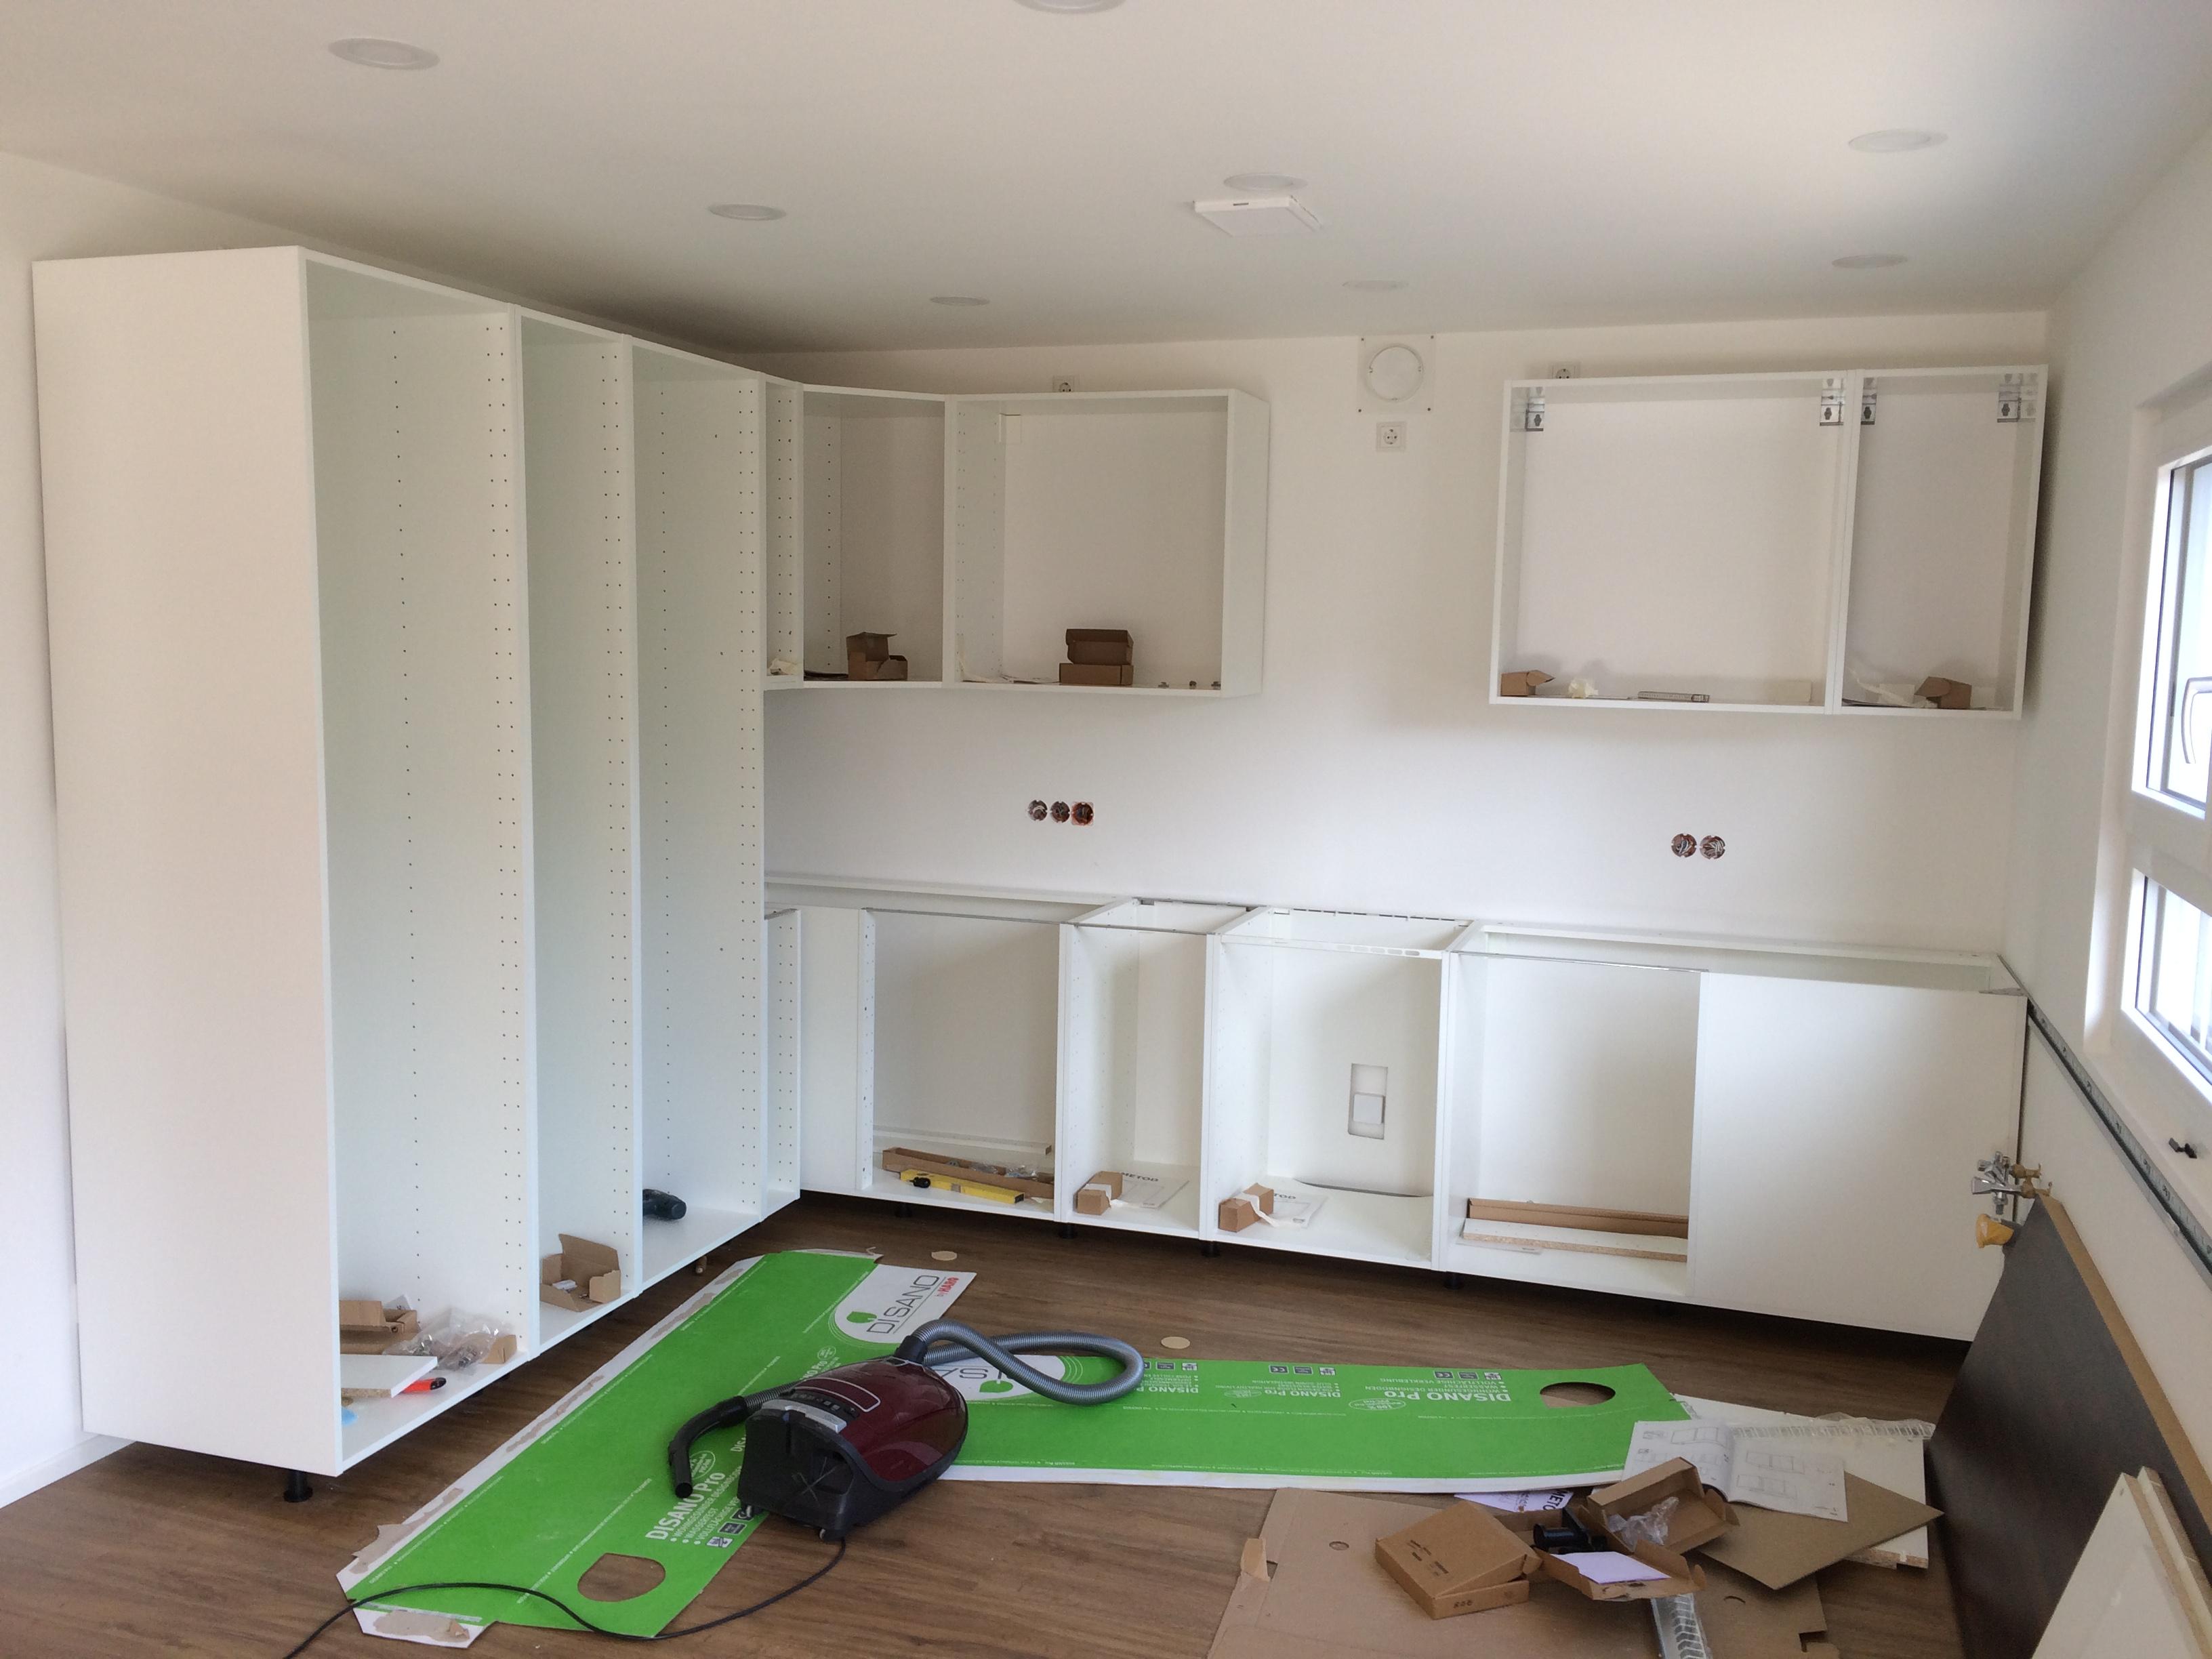 unsere nummer 1 unser hausbau blog bautagebuch planungen erfahrungsberichte. Black Bedroom Furniture Sets. Home Design Ideas